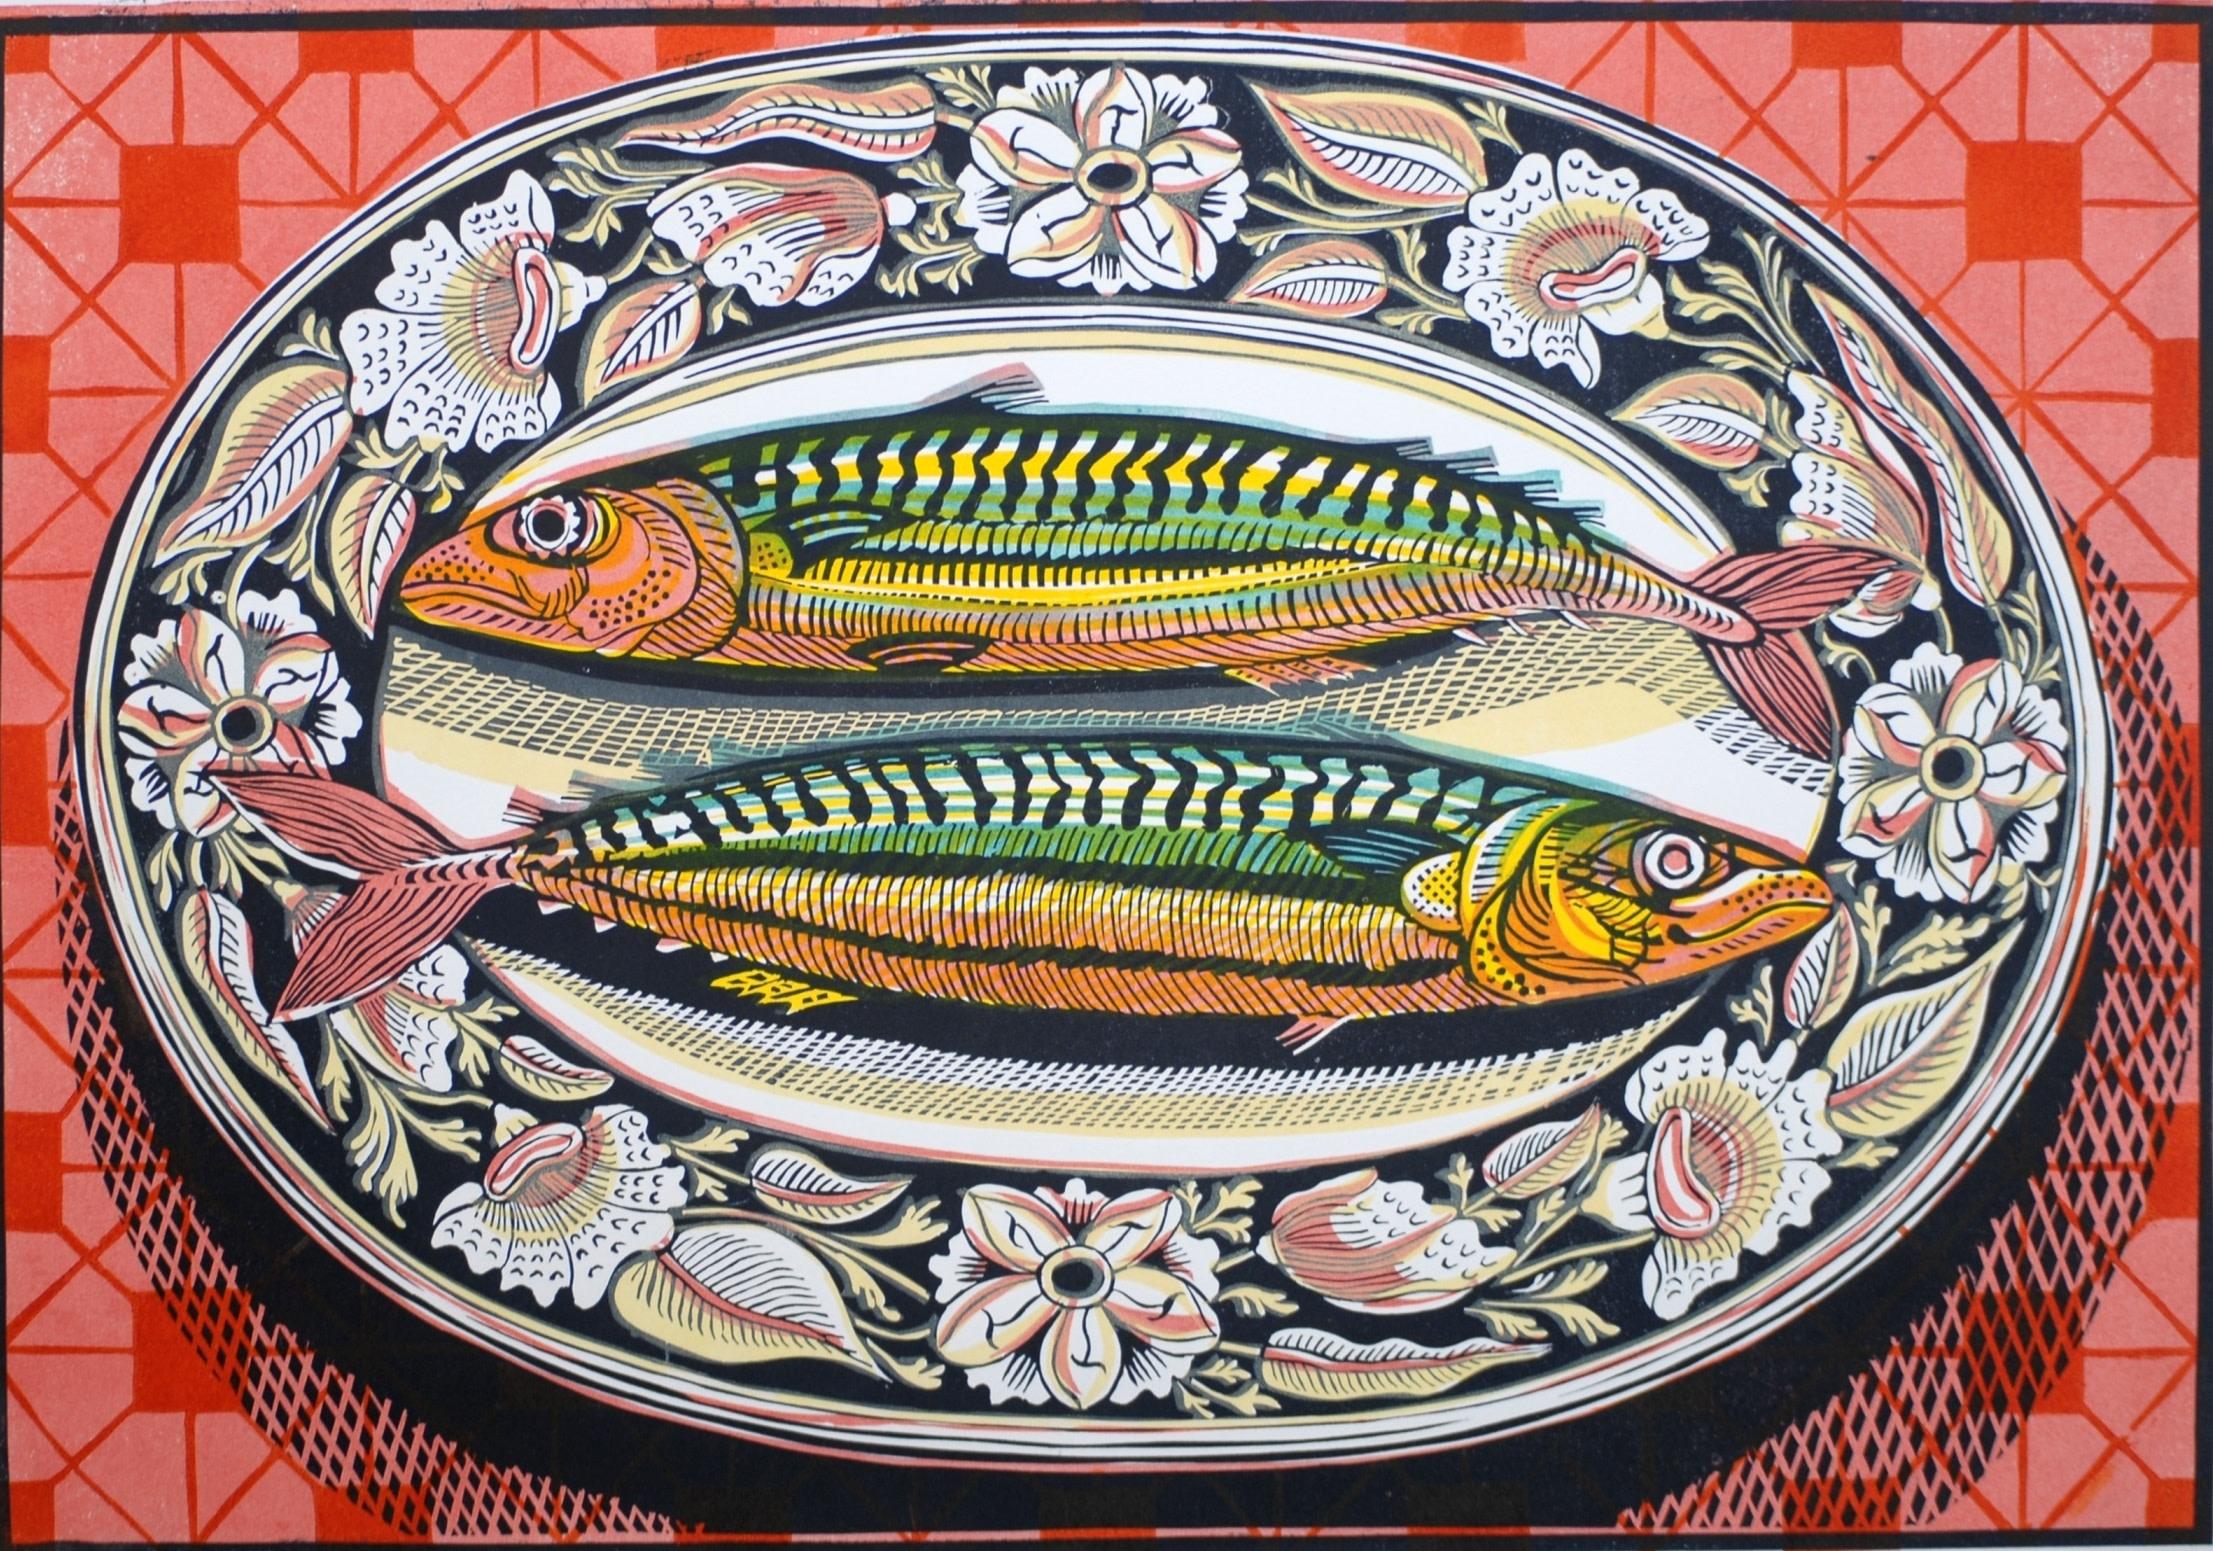 <span class=&#34;link fancybox-details-link&#34;><a href=&#34;/artists/36-richard-bawden-rws-re/works/9823/&#34;>View Detail Page</a></span><div class=&#34;artist&#34;><span class=&#34;artist&#34;><strong>Richard Bawden RWS RE</strong></span></div><div class=&#34;title&#34;><em>Two Mackerel</em></div><div class=&#34;medium&#34;>linocut</div>